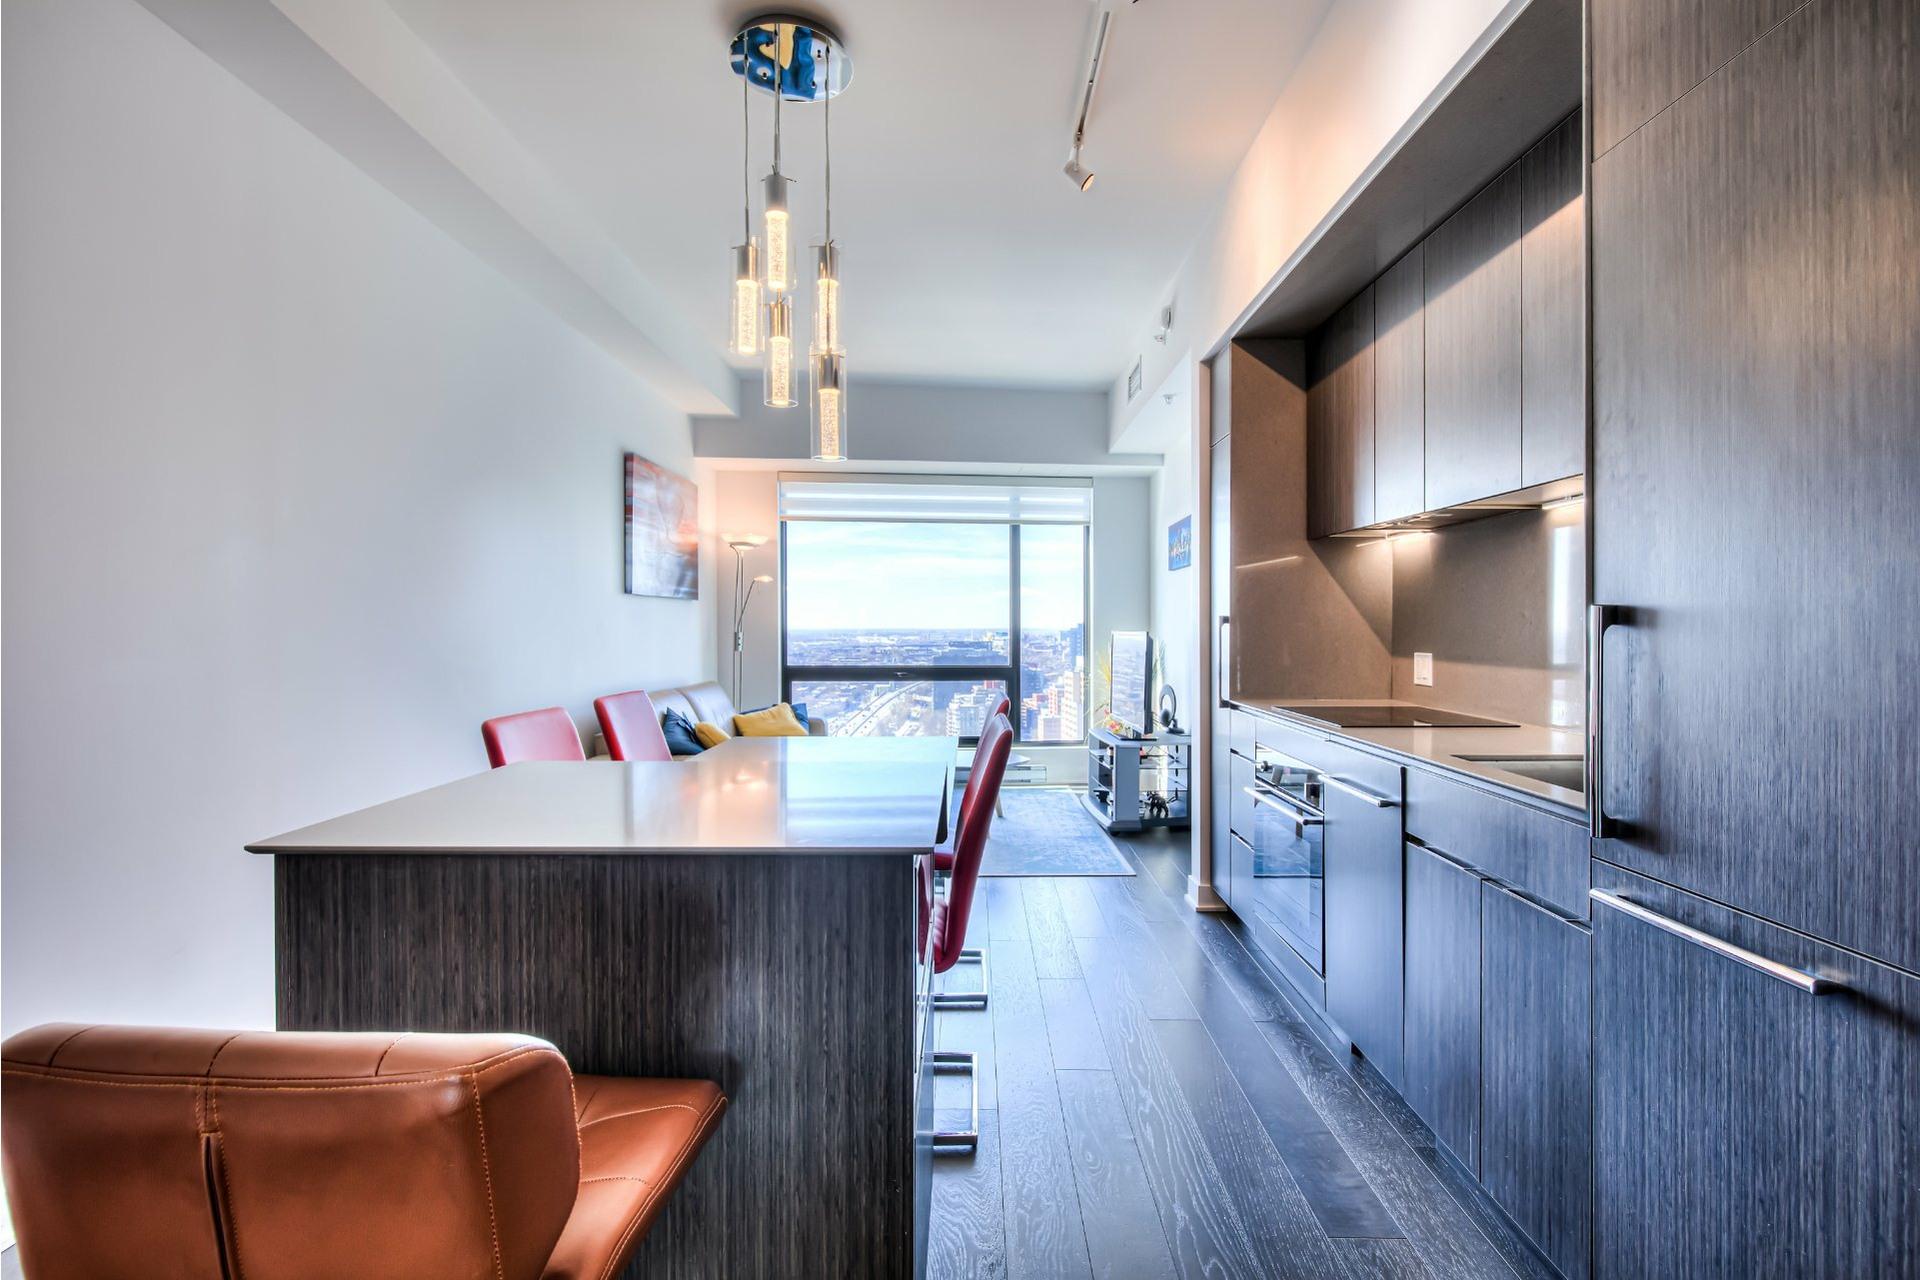 image 7 - Appartement À vendre Ville-Marie Montréal  - 5 pièces